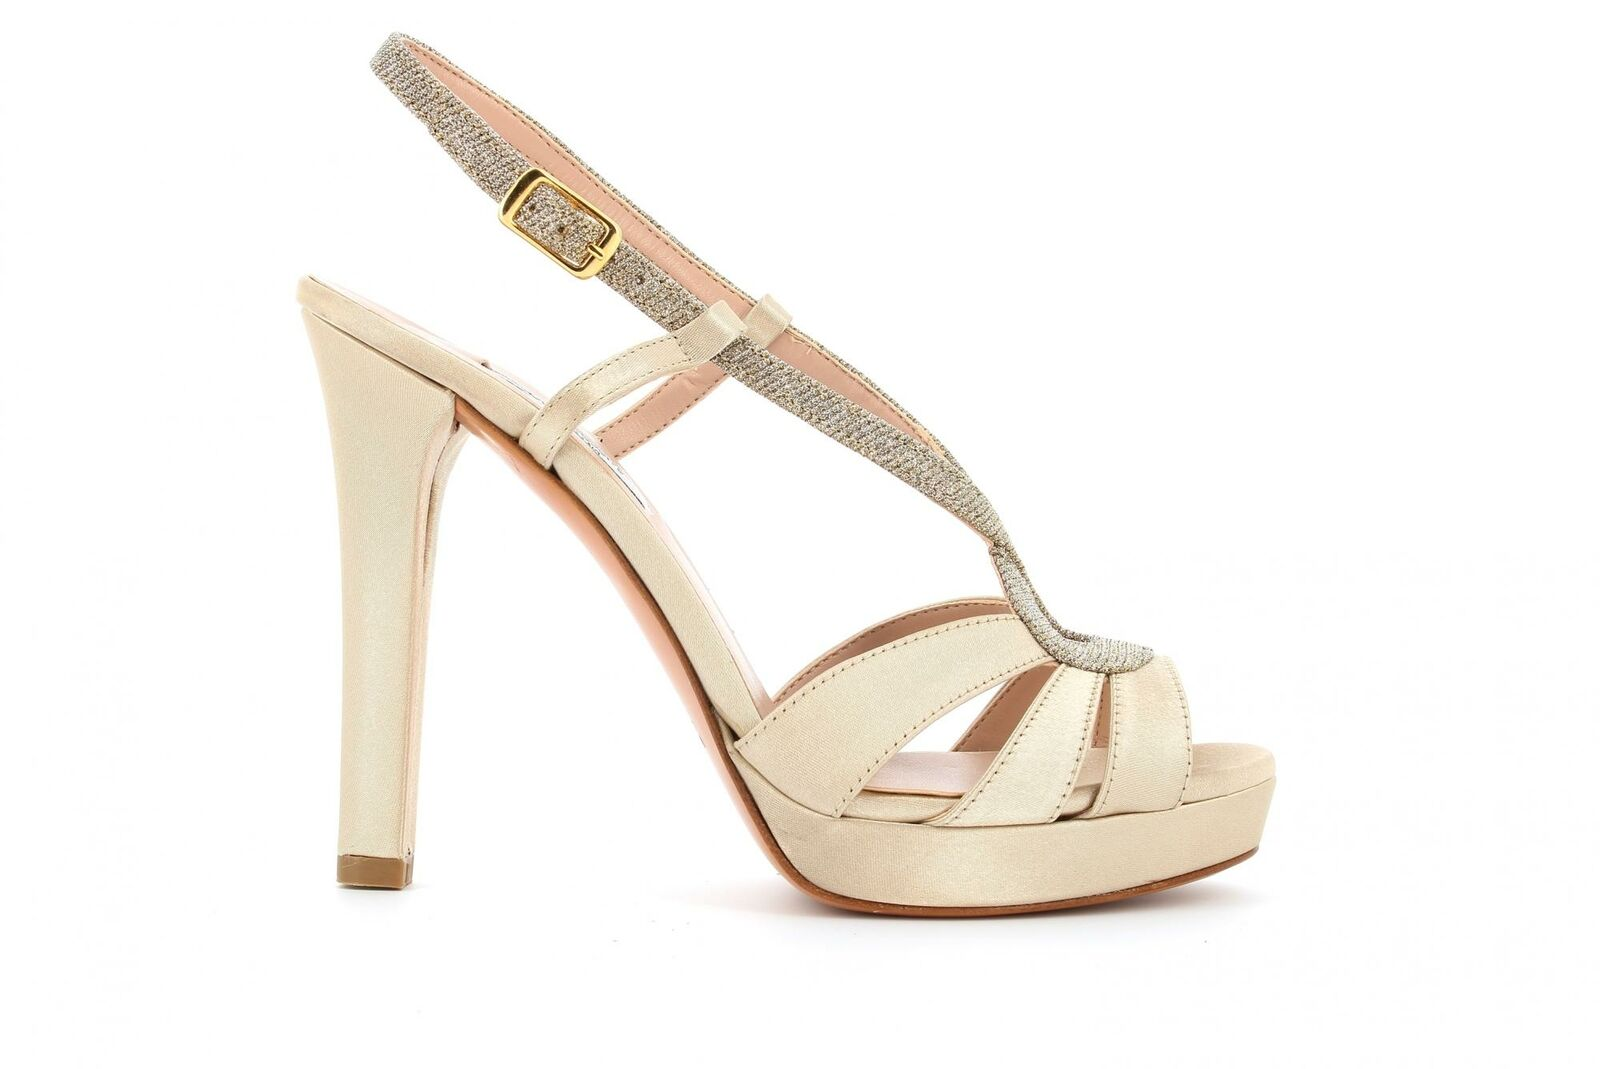 L& 039;Amour shoes Woman Sandal 919 Beige p19